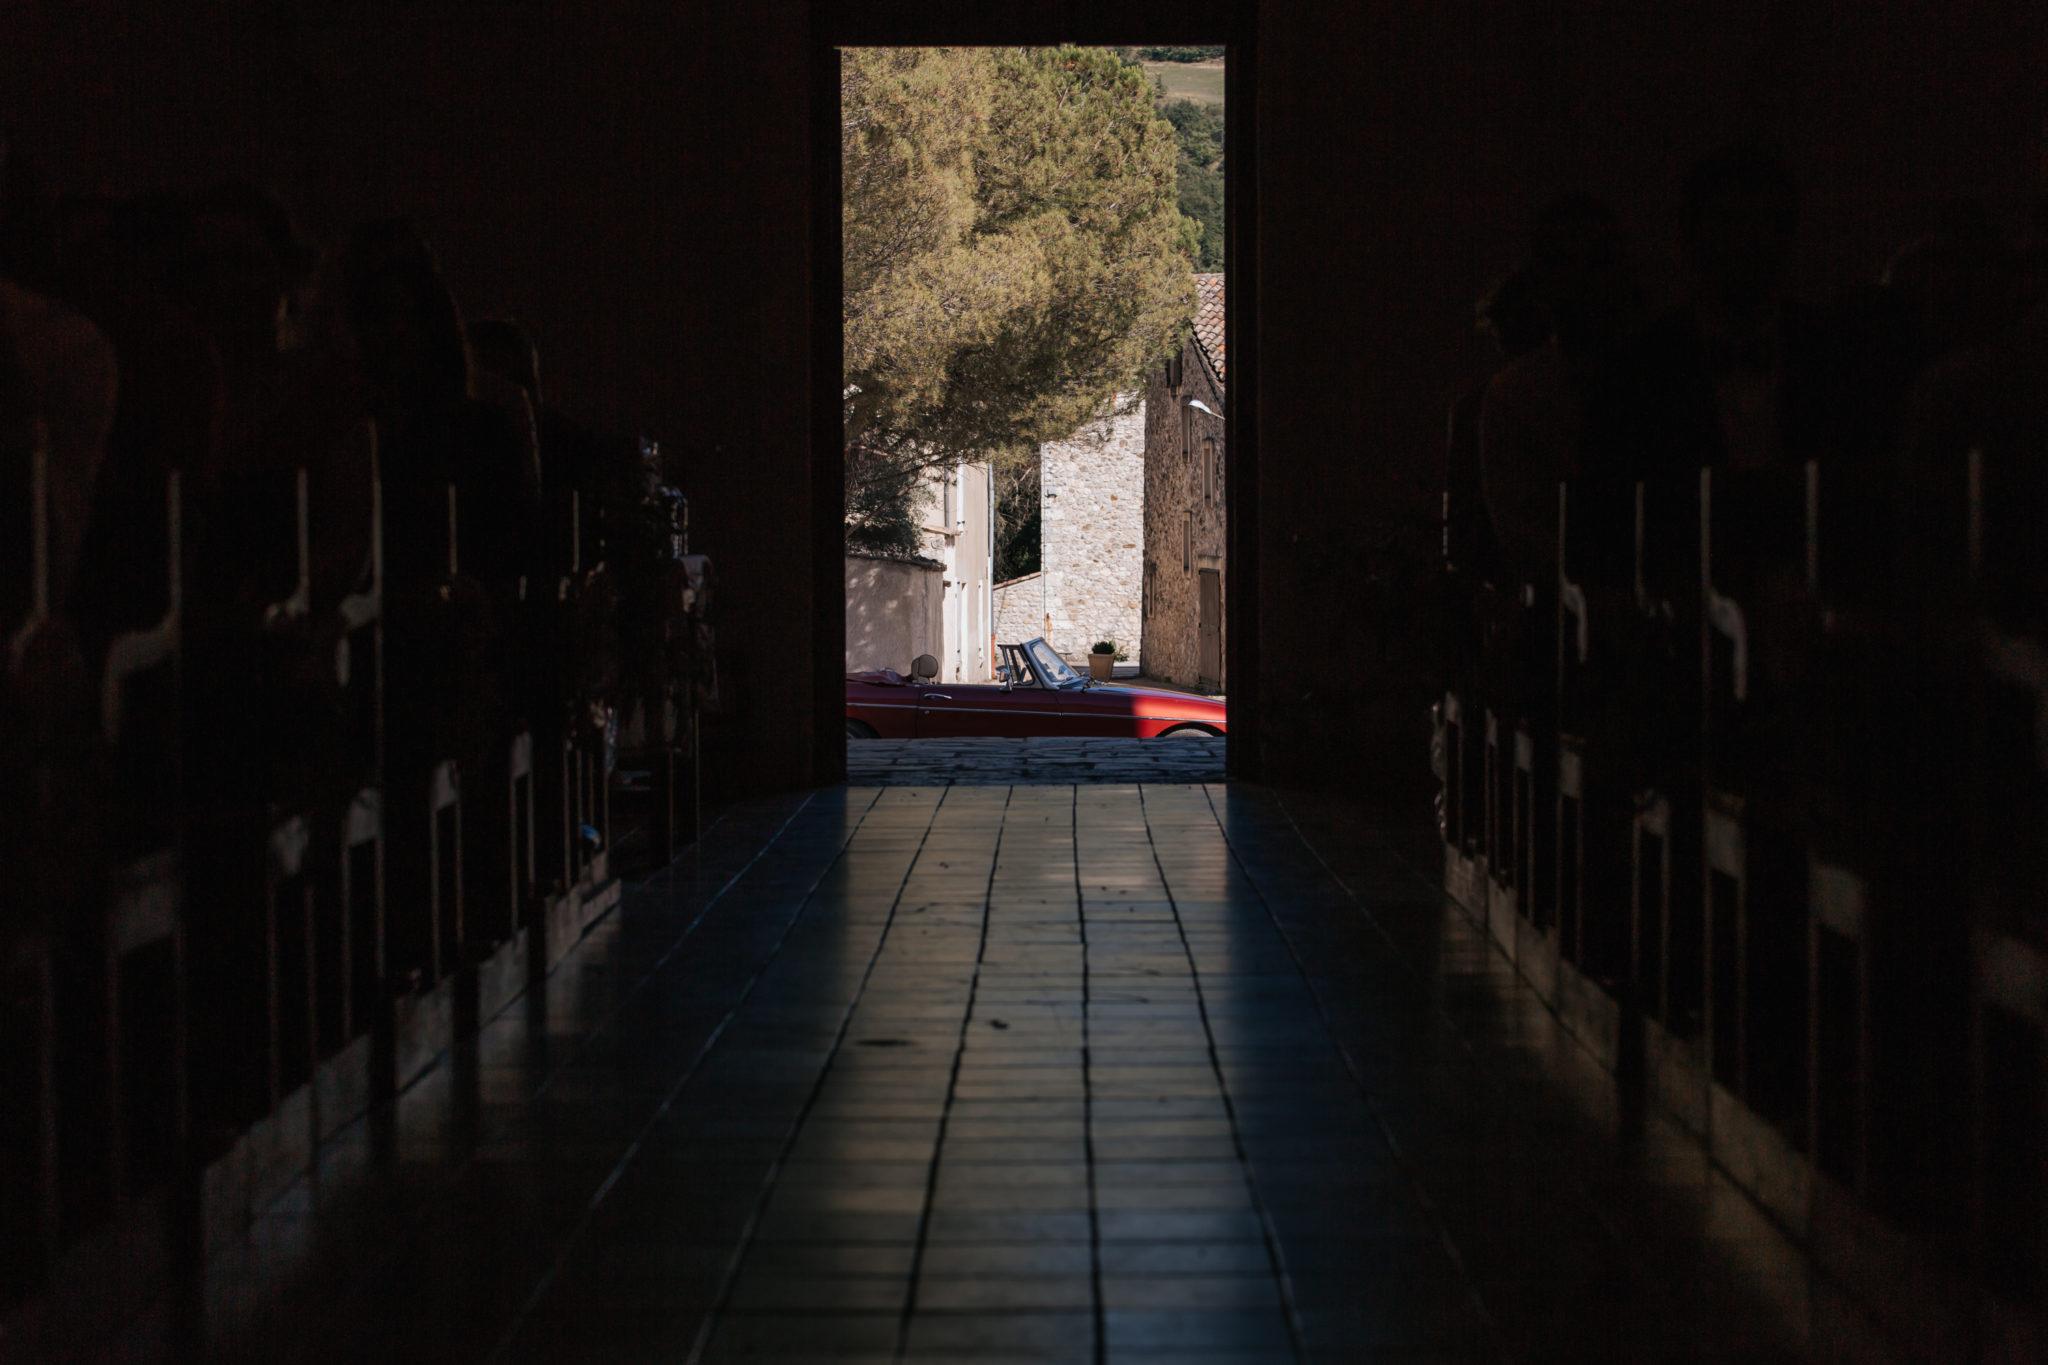 Eglise Condorcet voiture MG cérémonie religieuse Drome Provencale